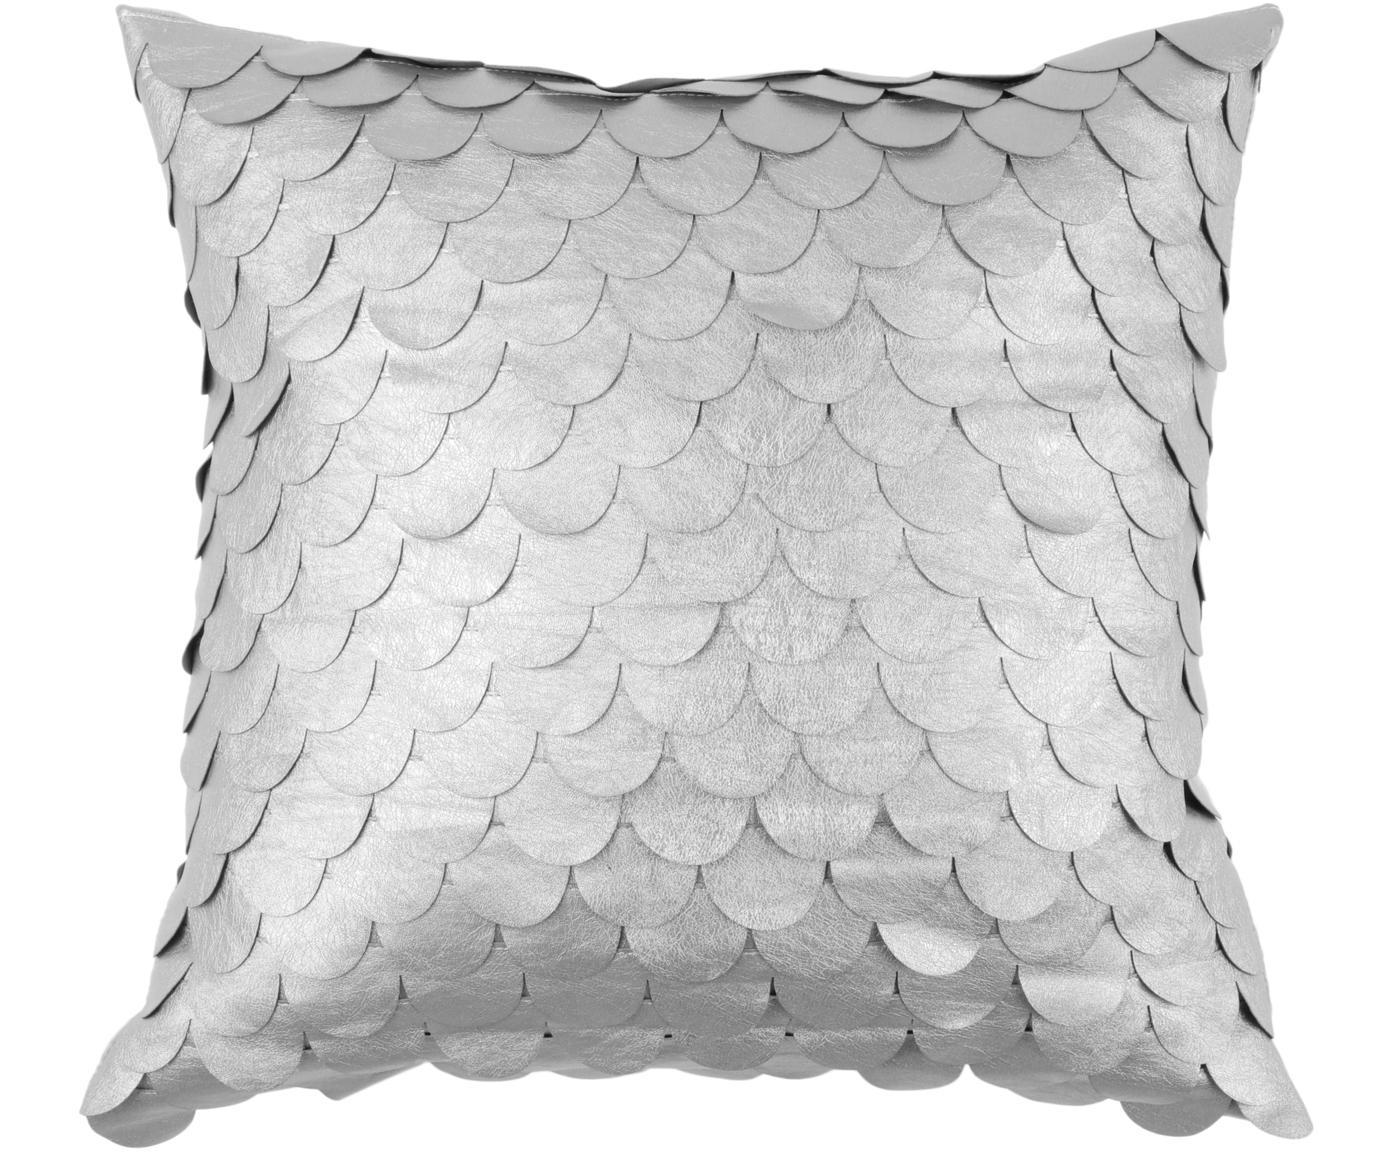 Schimmerndes Kissen Gasby Chic, mit Inlett, Bezug: 50% Polyester, 50% Polyur, Silberfarben, 40 x 40 cm